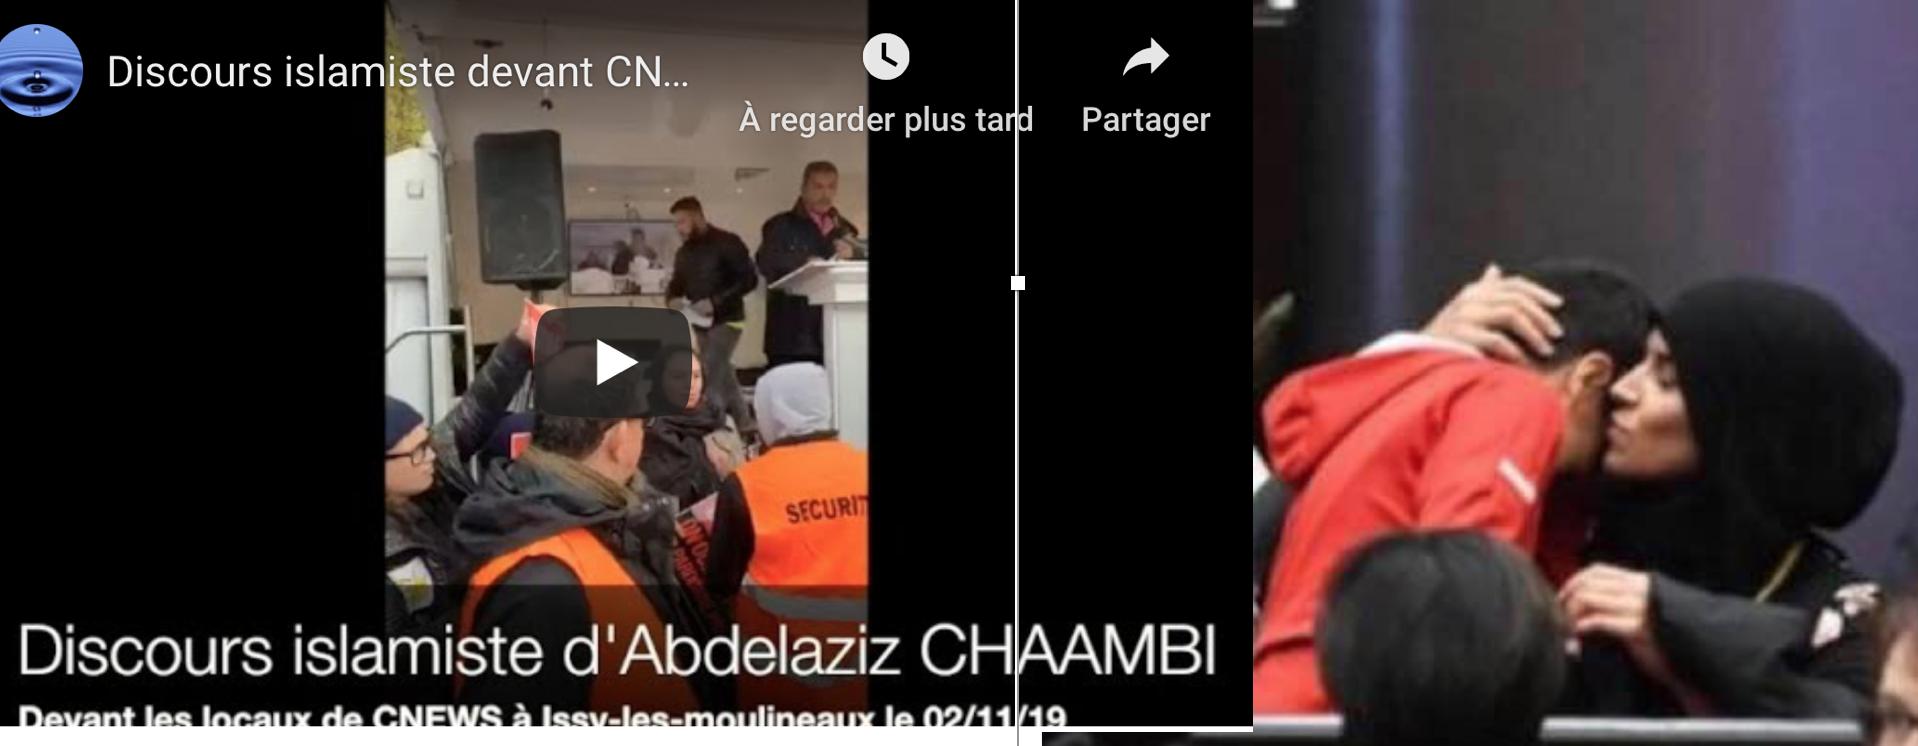 La voilée du Conseil Régional, une proche de Chaambi qui a fait le scandaleux discours devant CNews ?